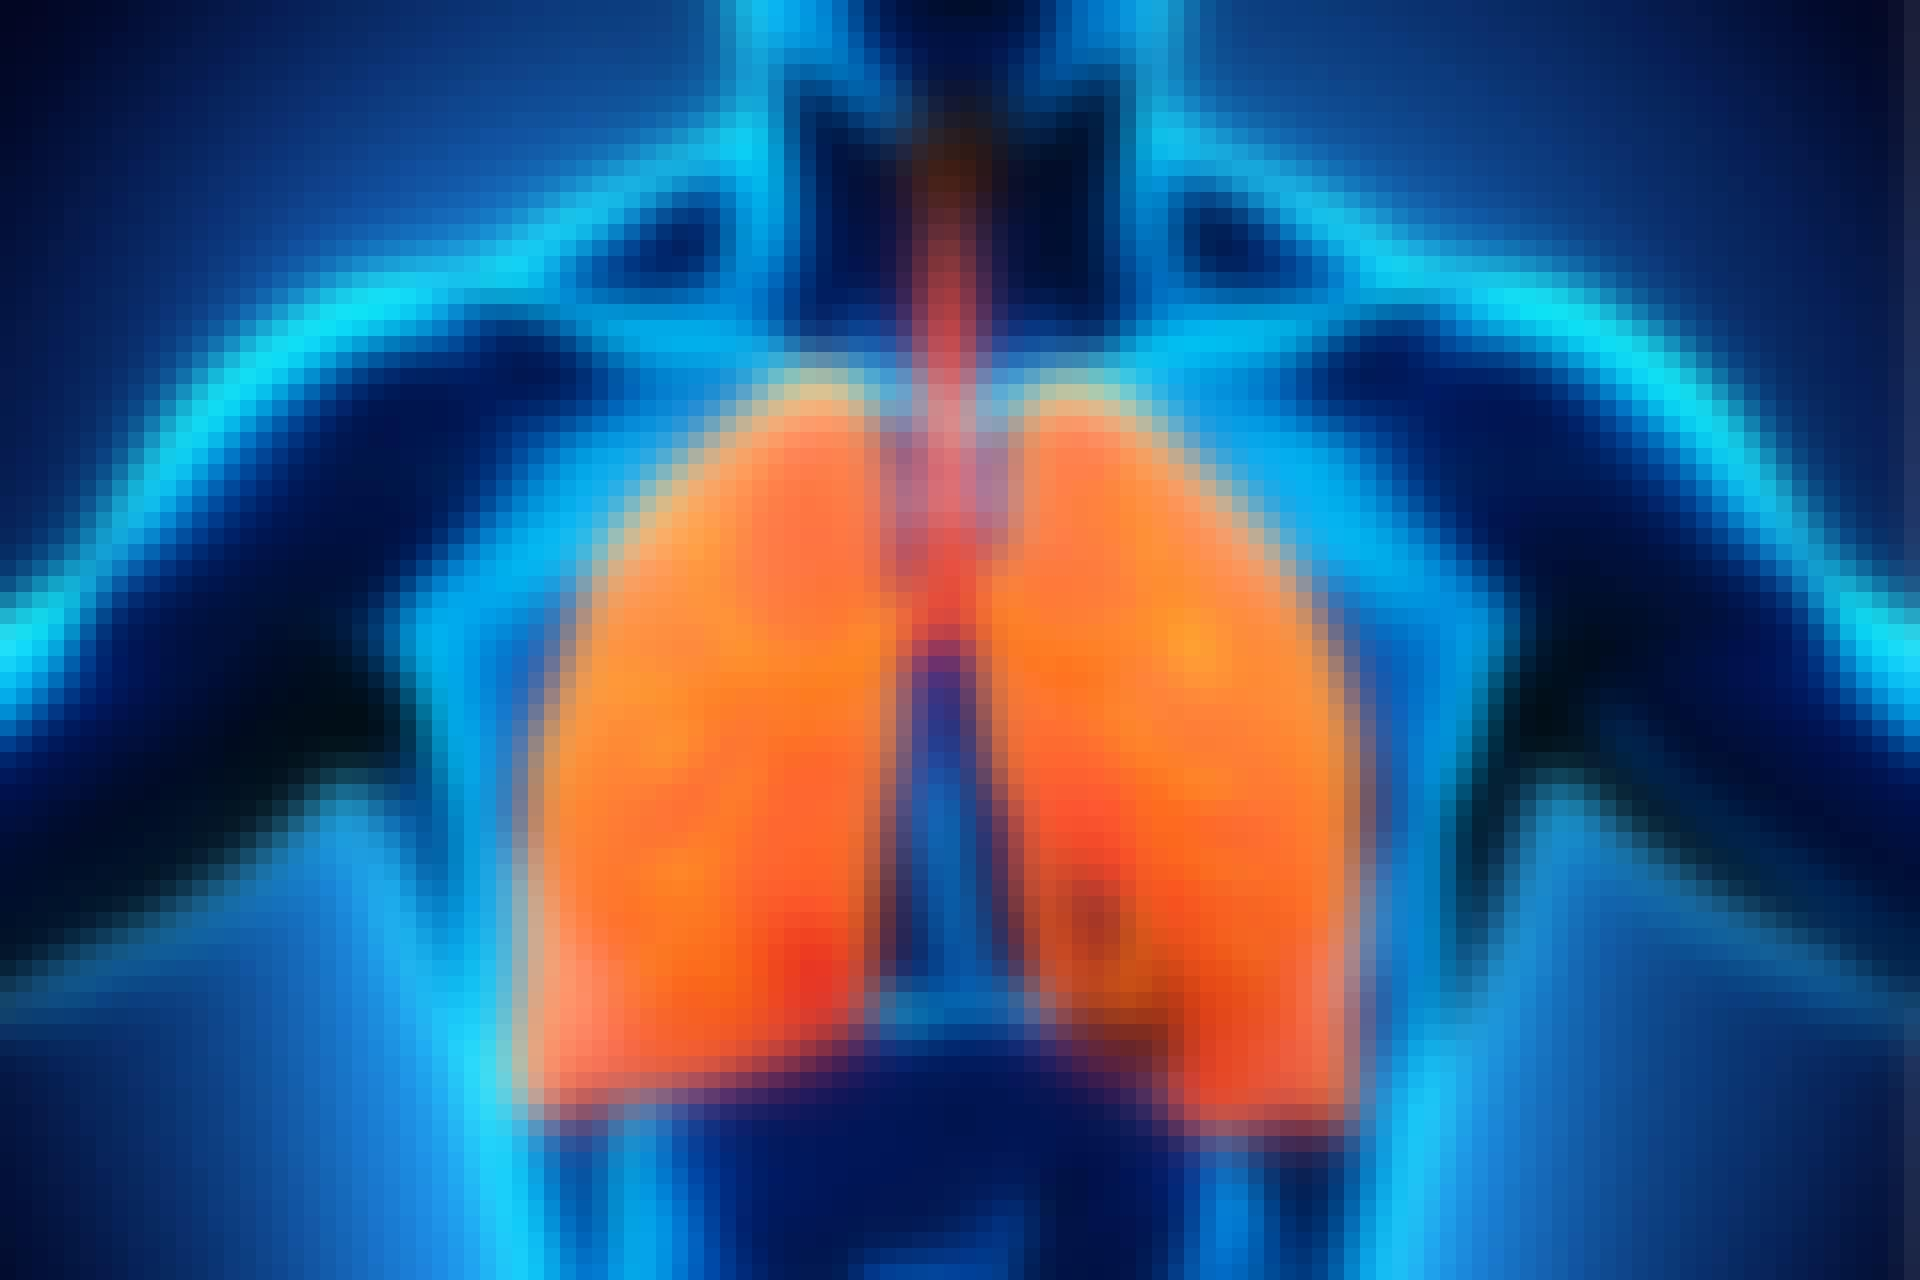 Er store lunger en fordel?